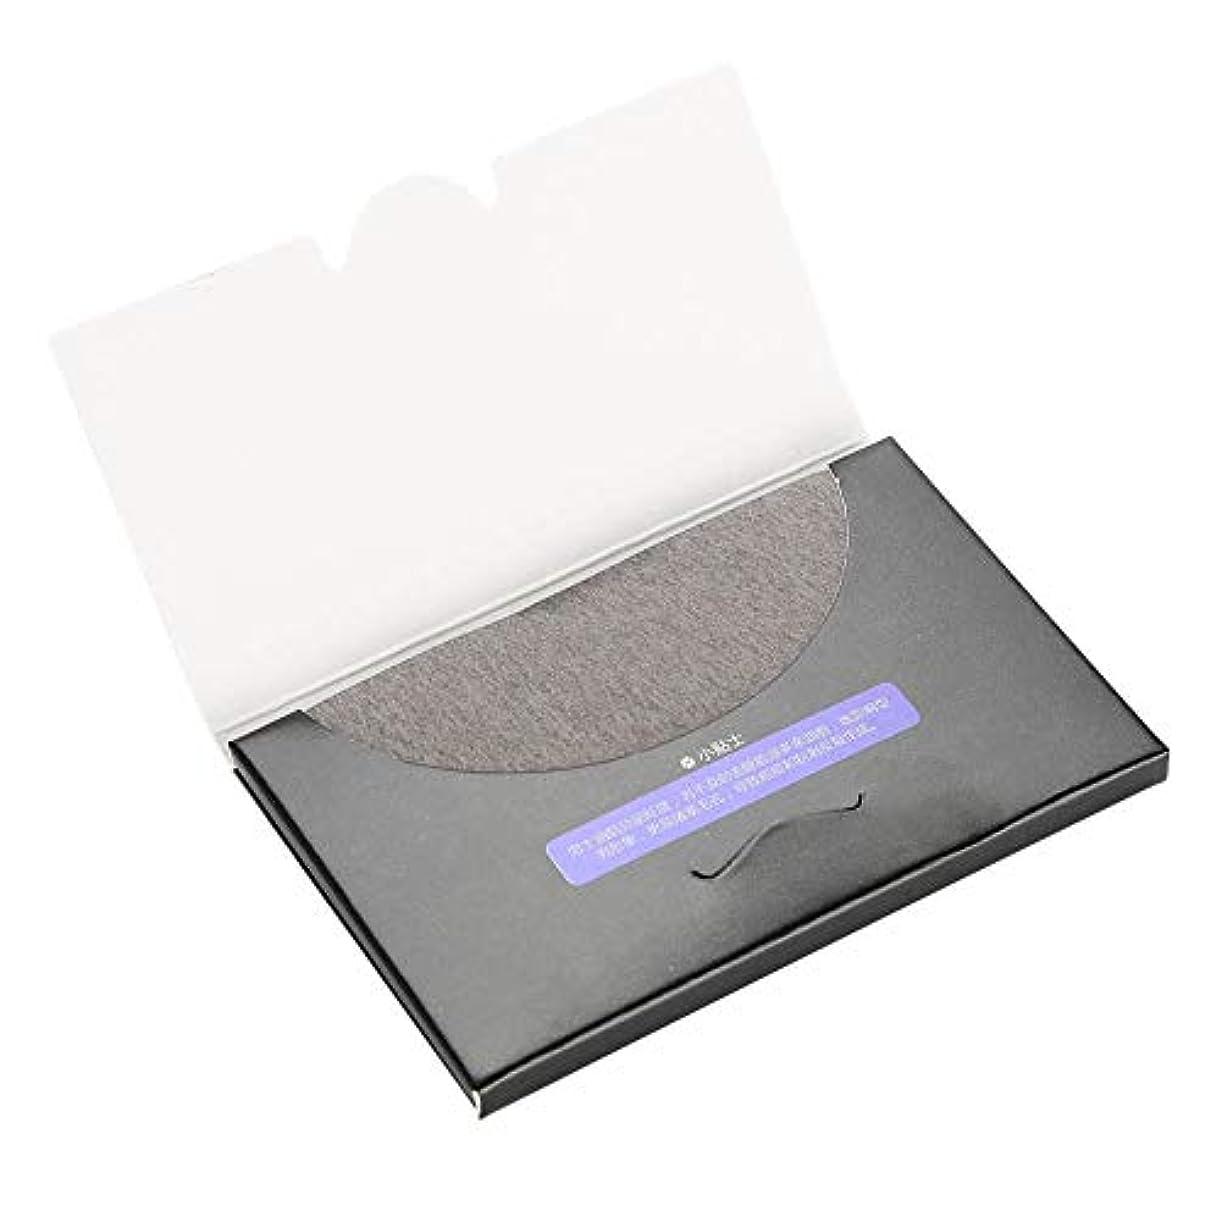 エンディング損なう賄賂80枚/袋吸油布 - 化粧フィルムのクリーニング、吸い取り紙の消去 - きれいな吸い取り紙